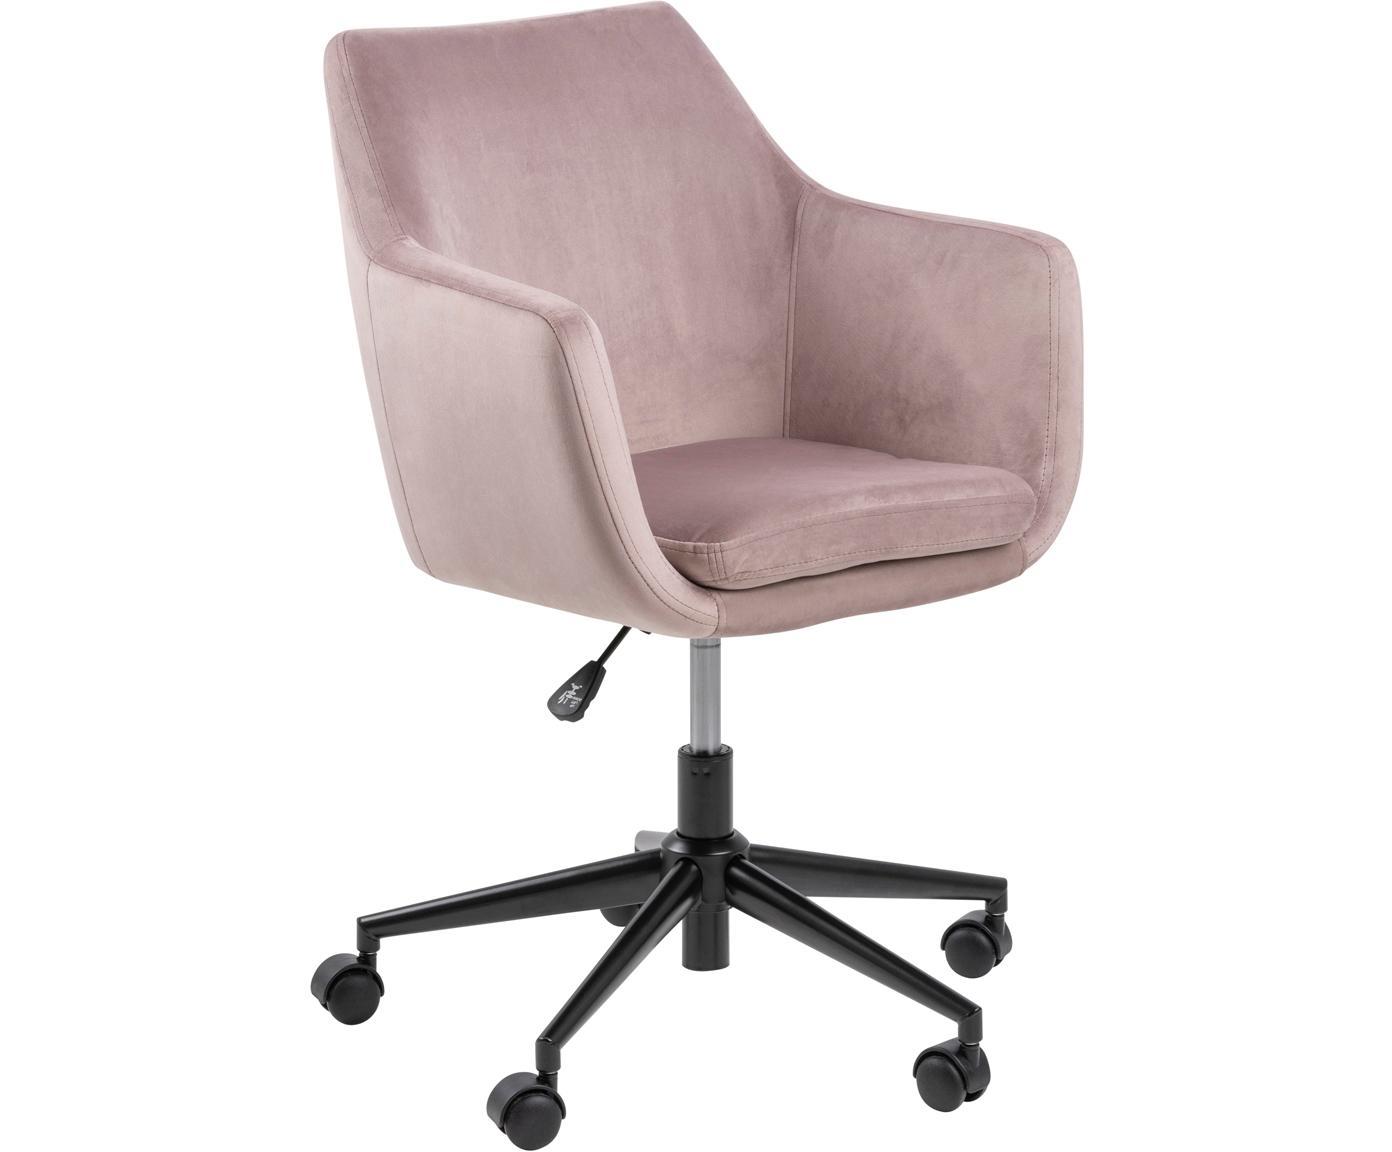 Biurowe krzesło obrotowe z aksamitu Nora, Tapicerka: poliester (aksamit) 2500, Stelaż: metal malowany proszkowo, Różowy, czarny, S 58 x G 58 cm